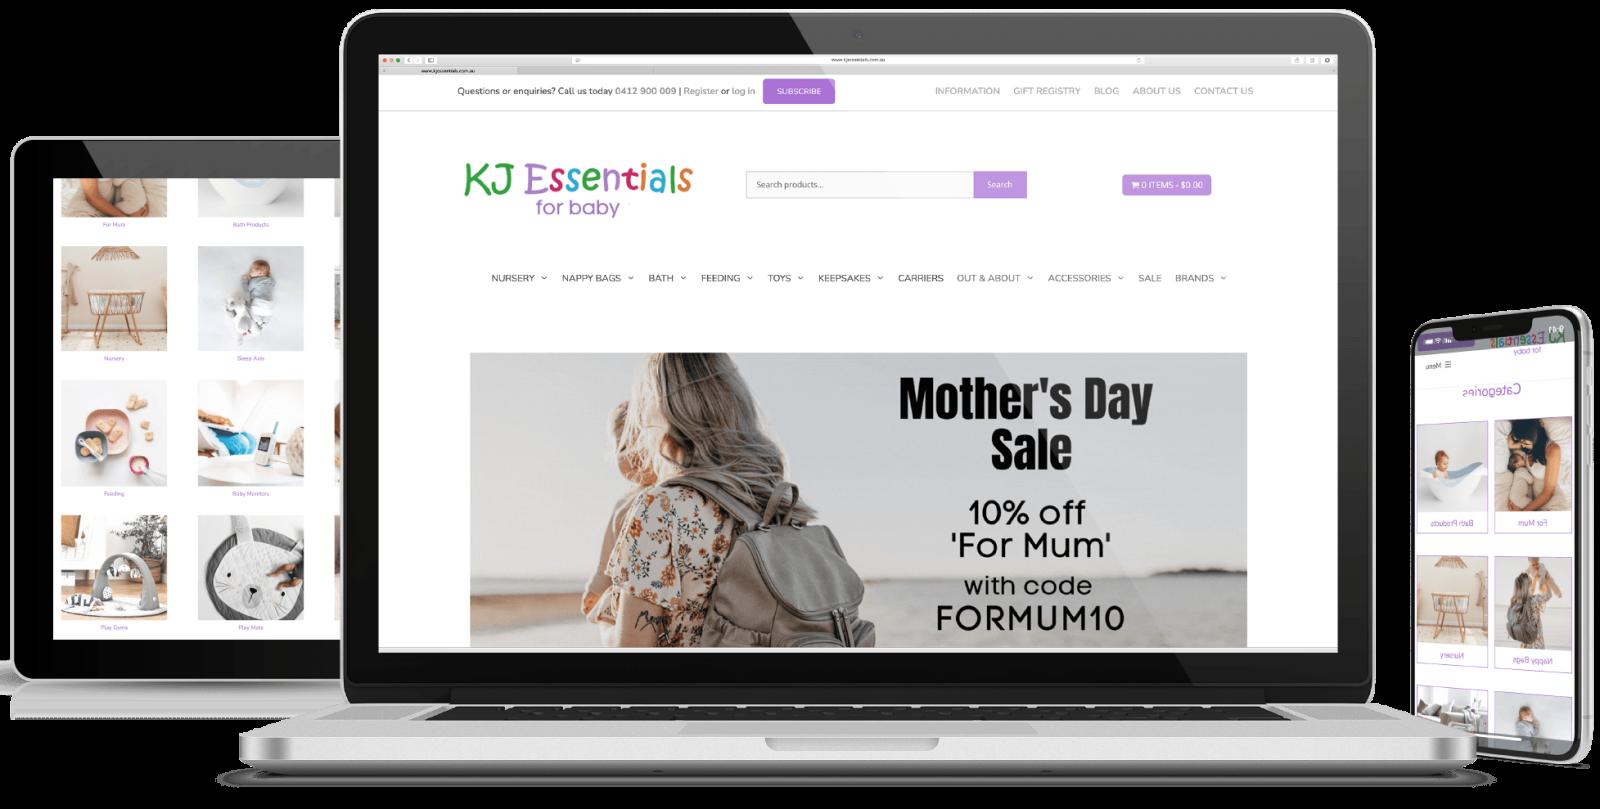 KJ Essentials